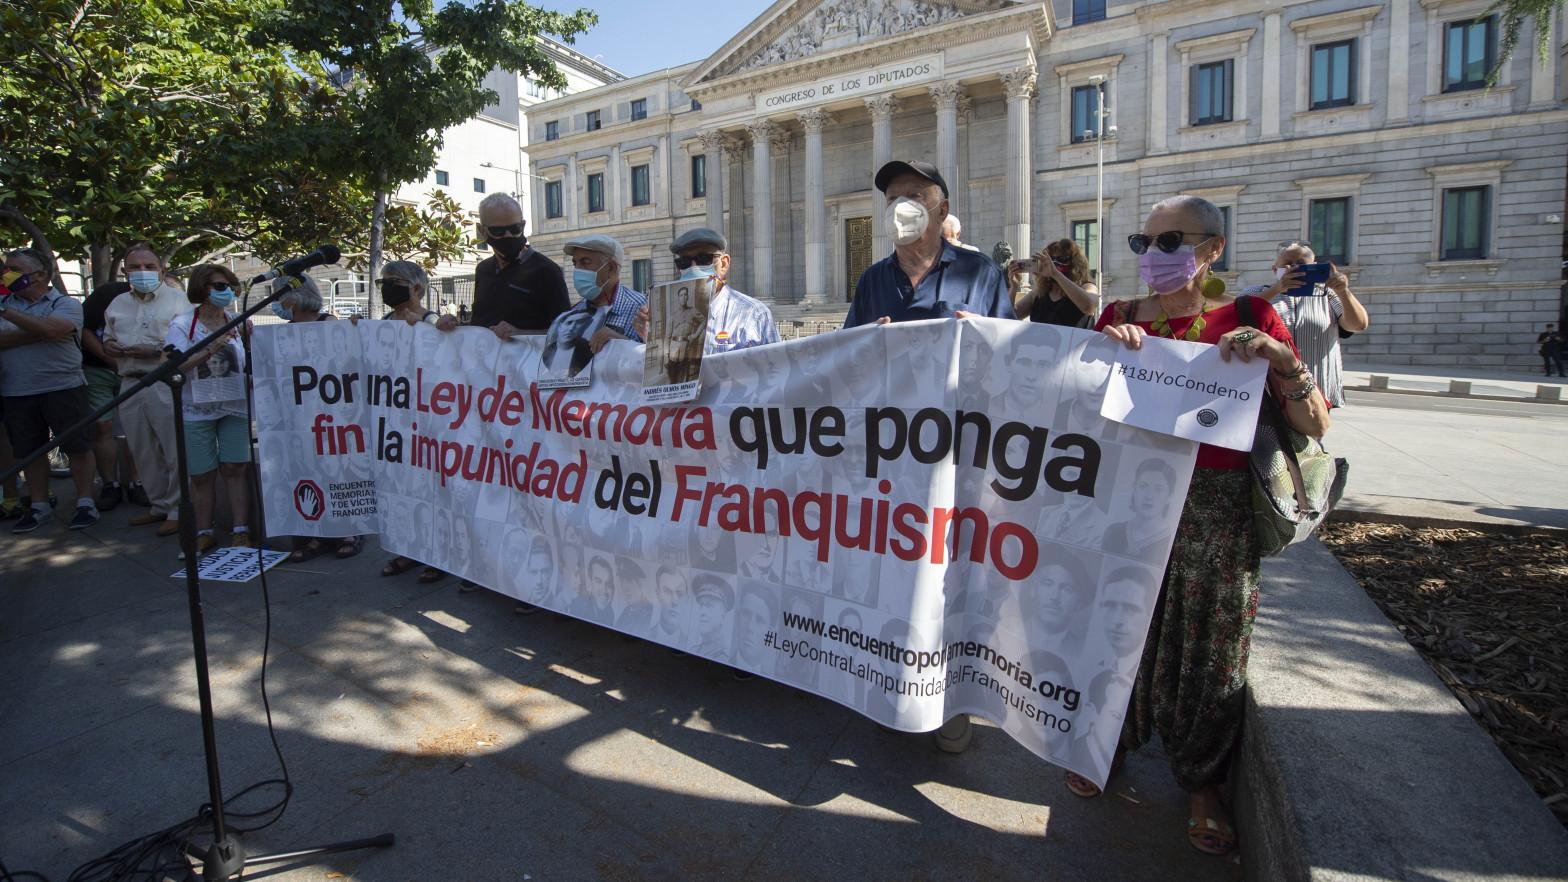 Fundación Franco insta al PP a luchar contra la ley de memoria democrática